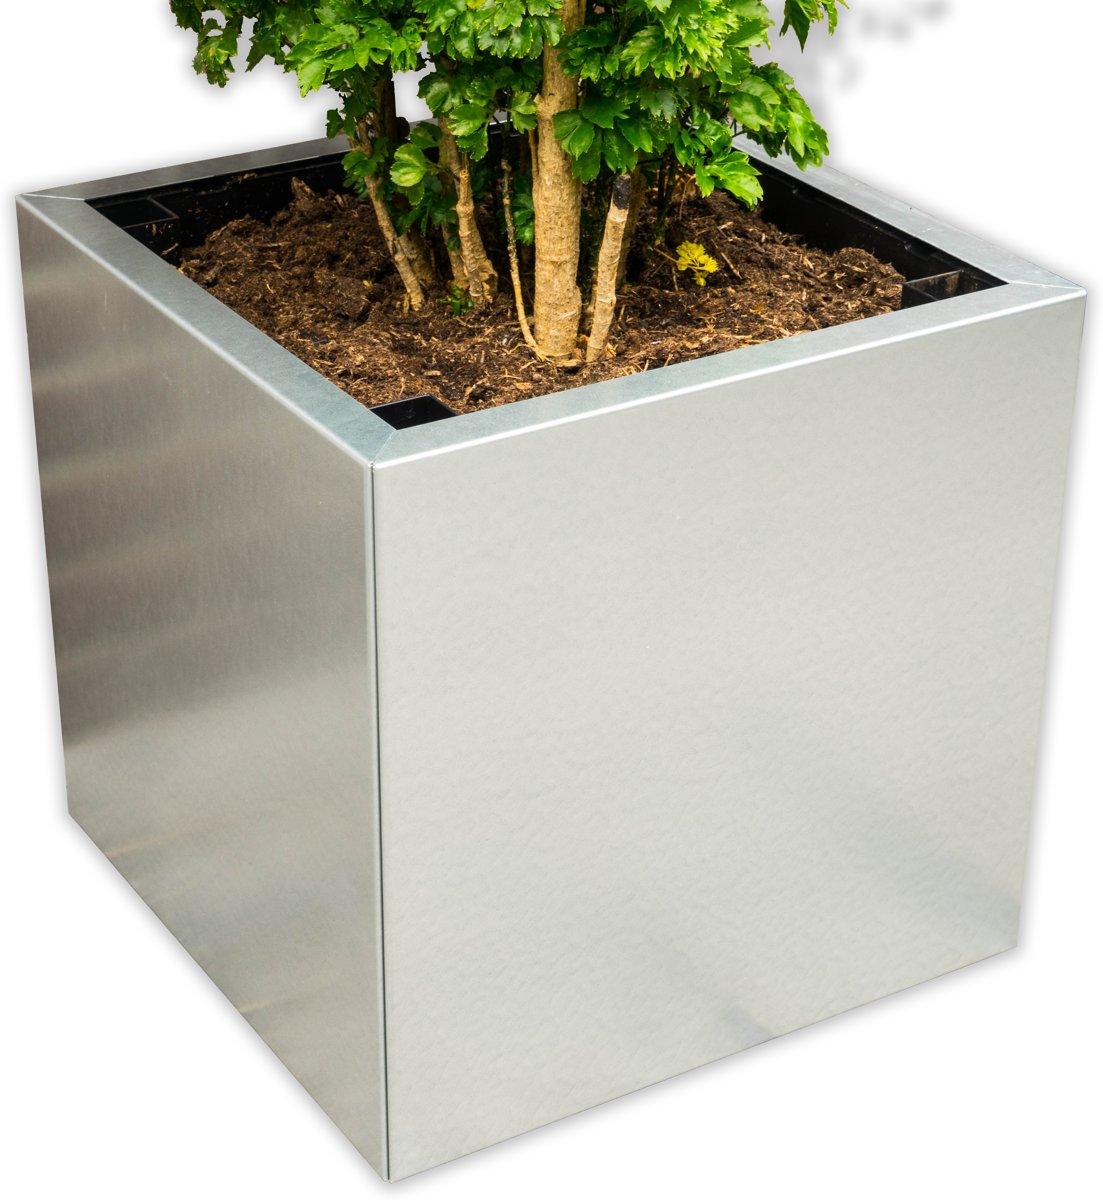 Favoriete Top Honderd | Yoepplanter Set Plantenbak - 3x Innovatie #SK24